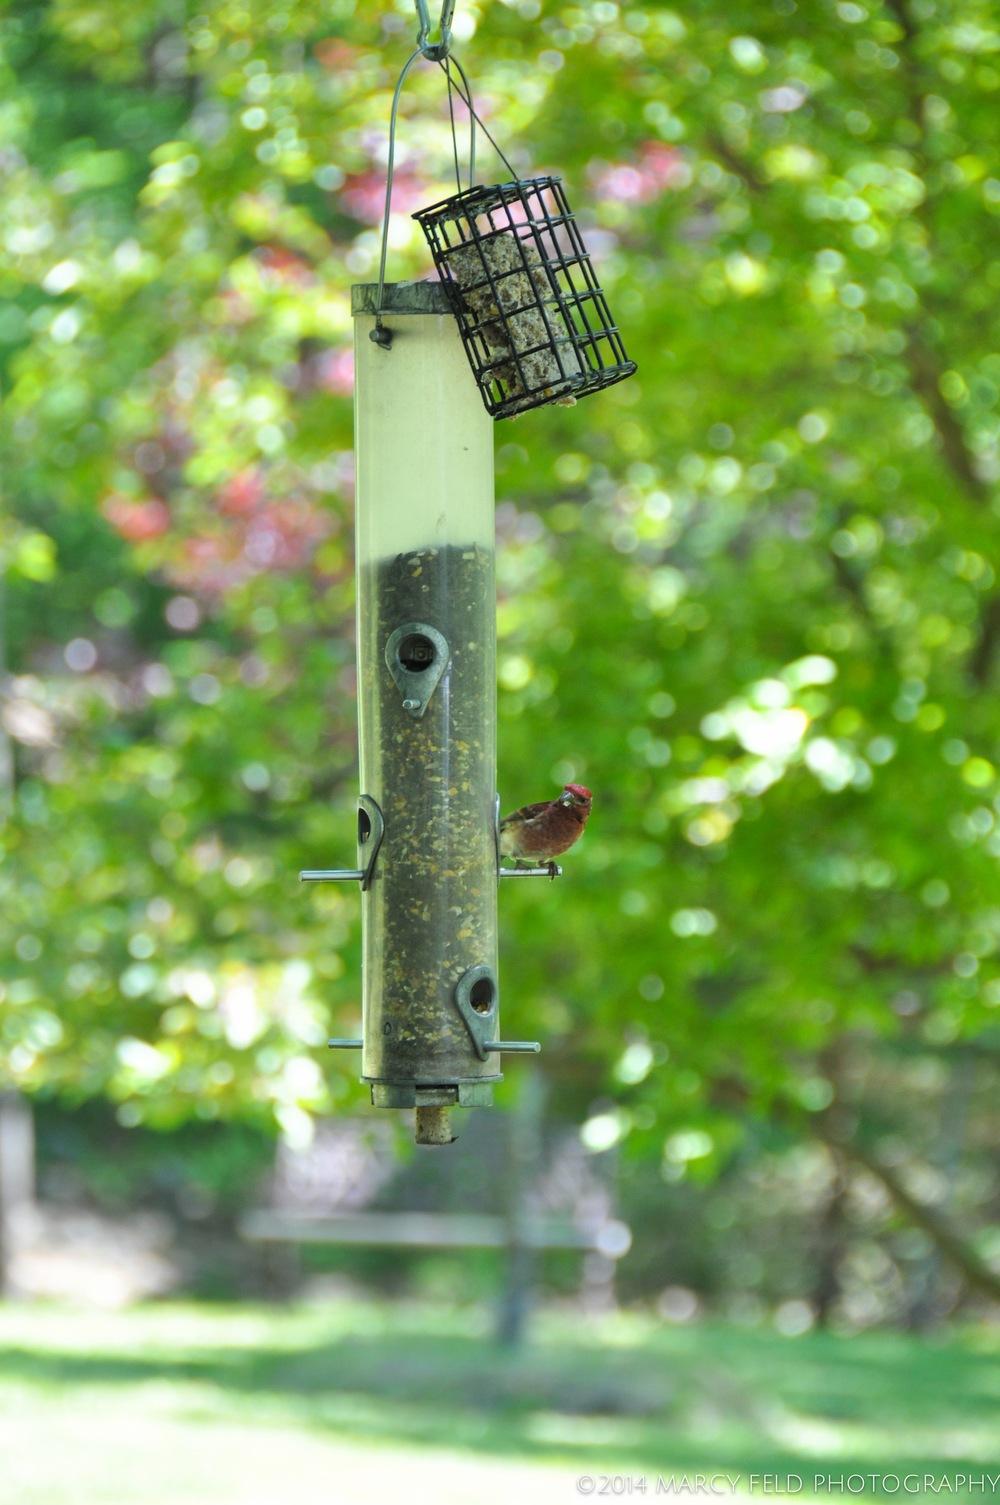 Purple Finch on Bird Feeder